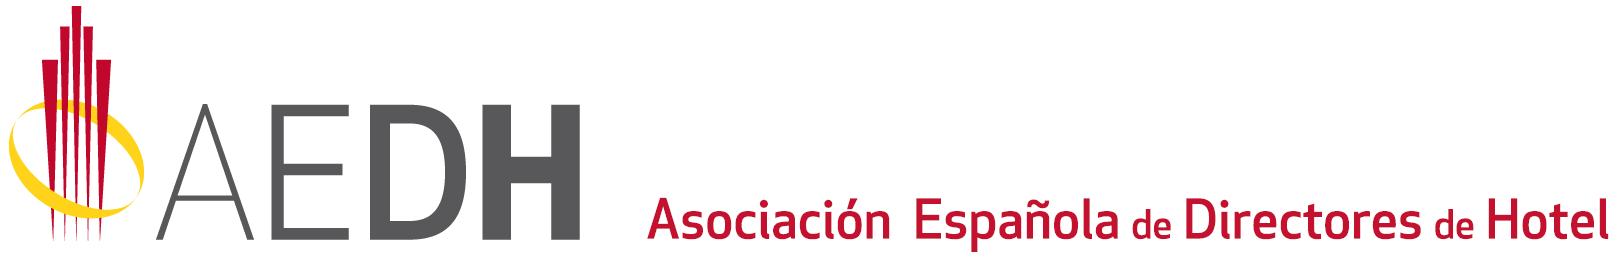 Comunidad AEDH - Asociación Española de Directores de Hotel